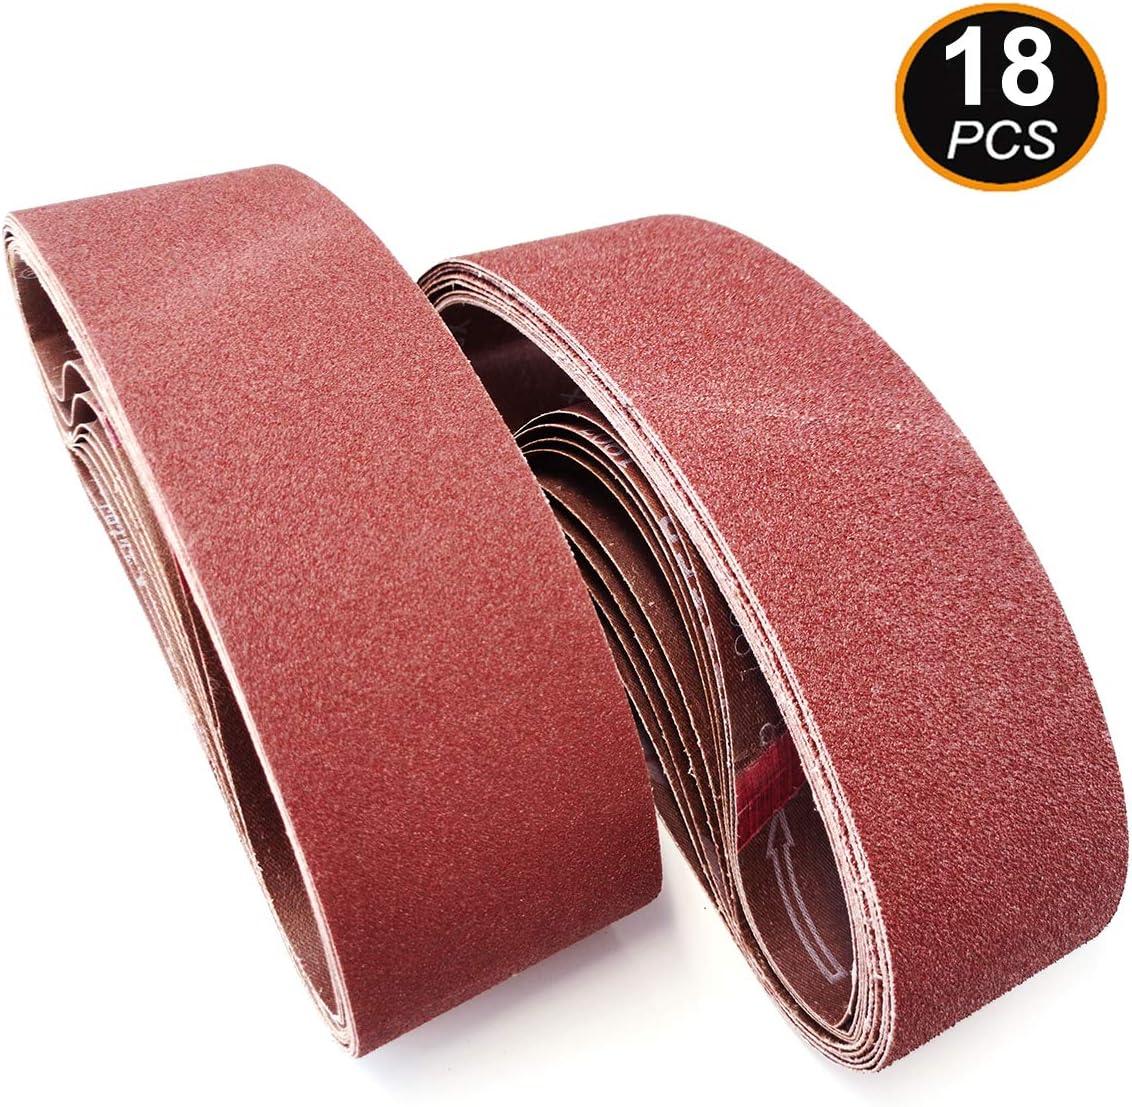 12-Pack Aiyard 4 x 24-Inch Aluminum Oxide Sanding Belts 40//80//120//150//240//400 Assorted Grits Abrasive Belts for Belt Sander